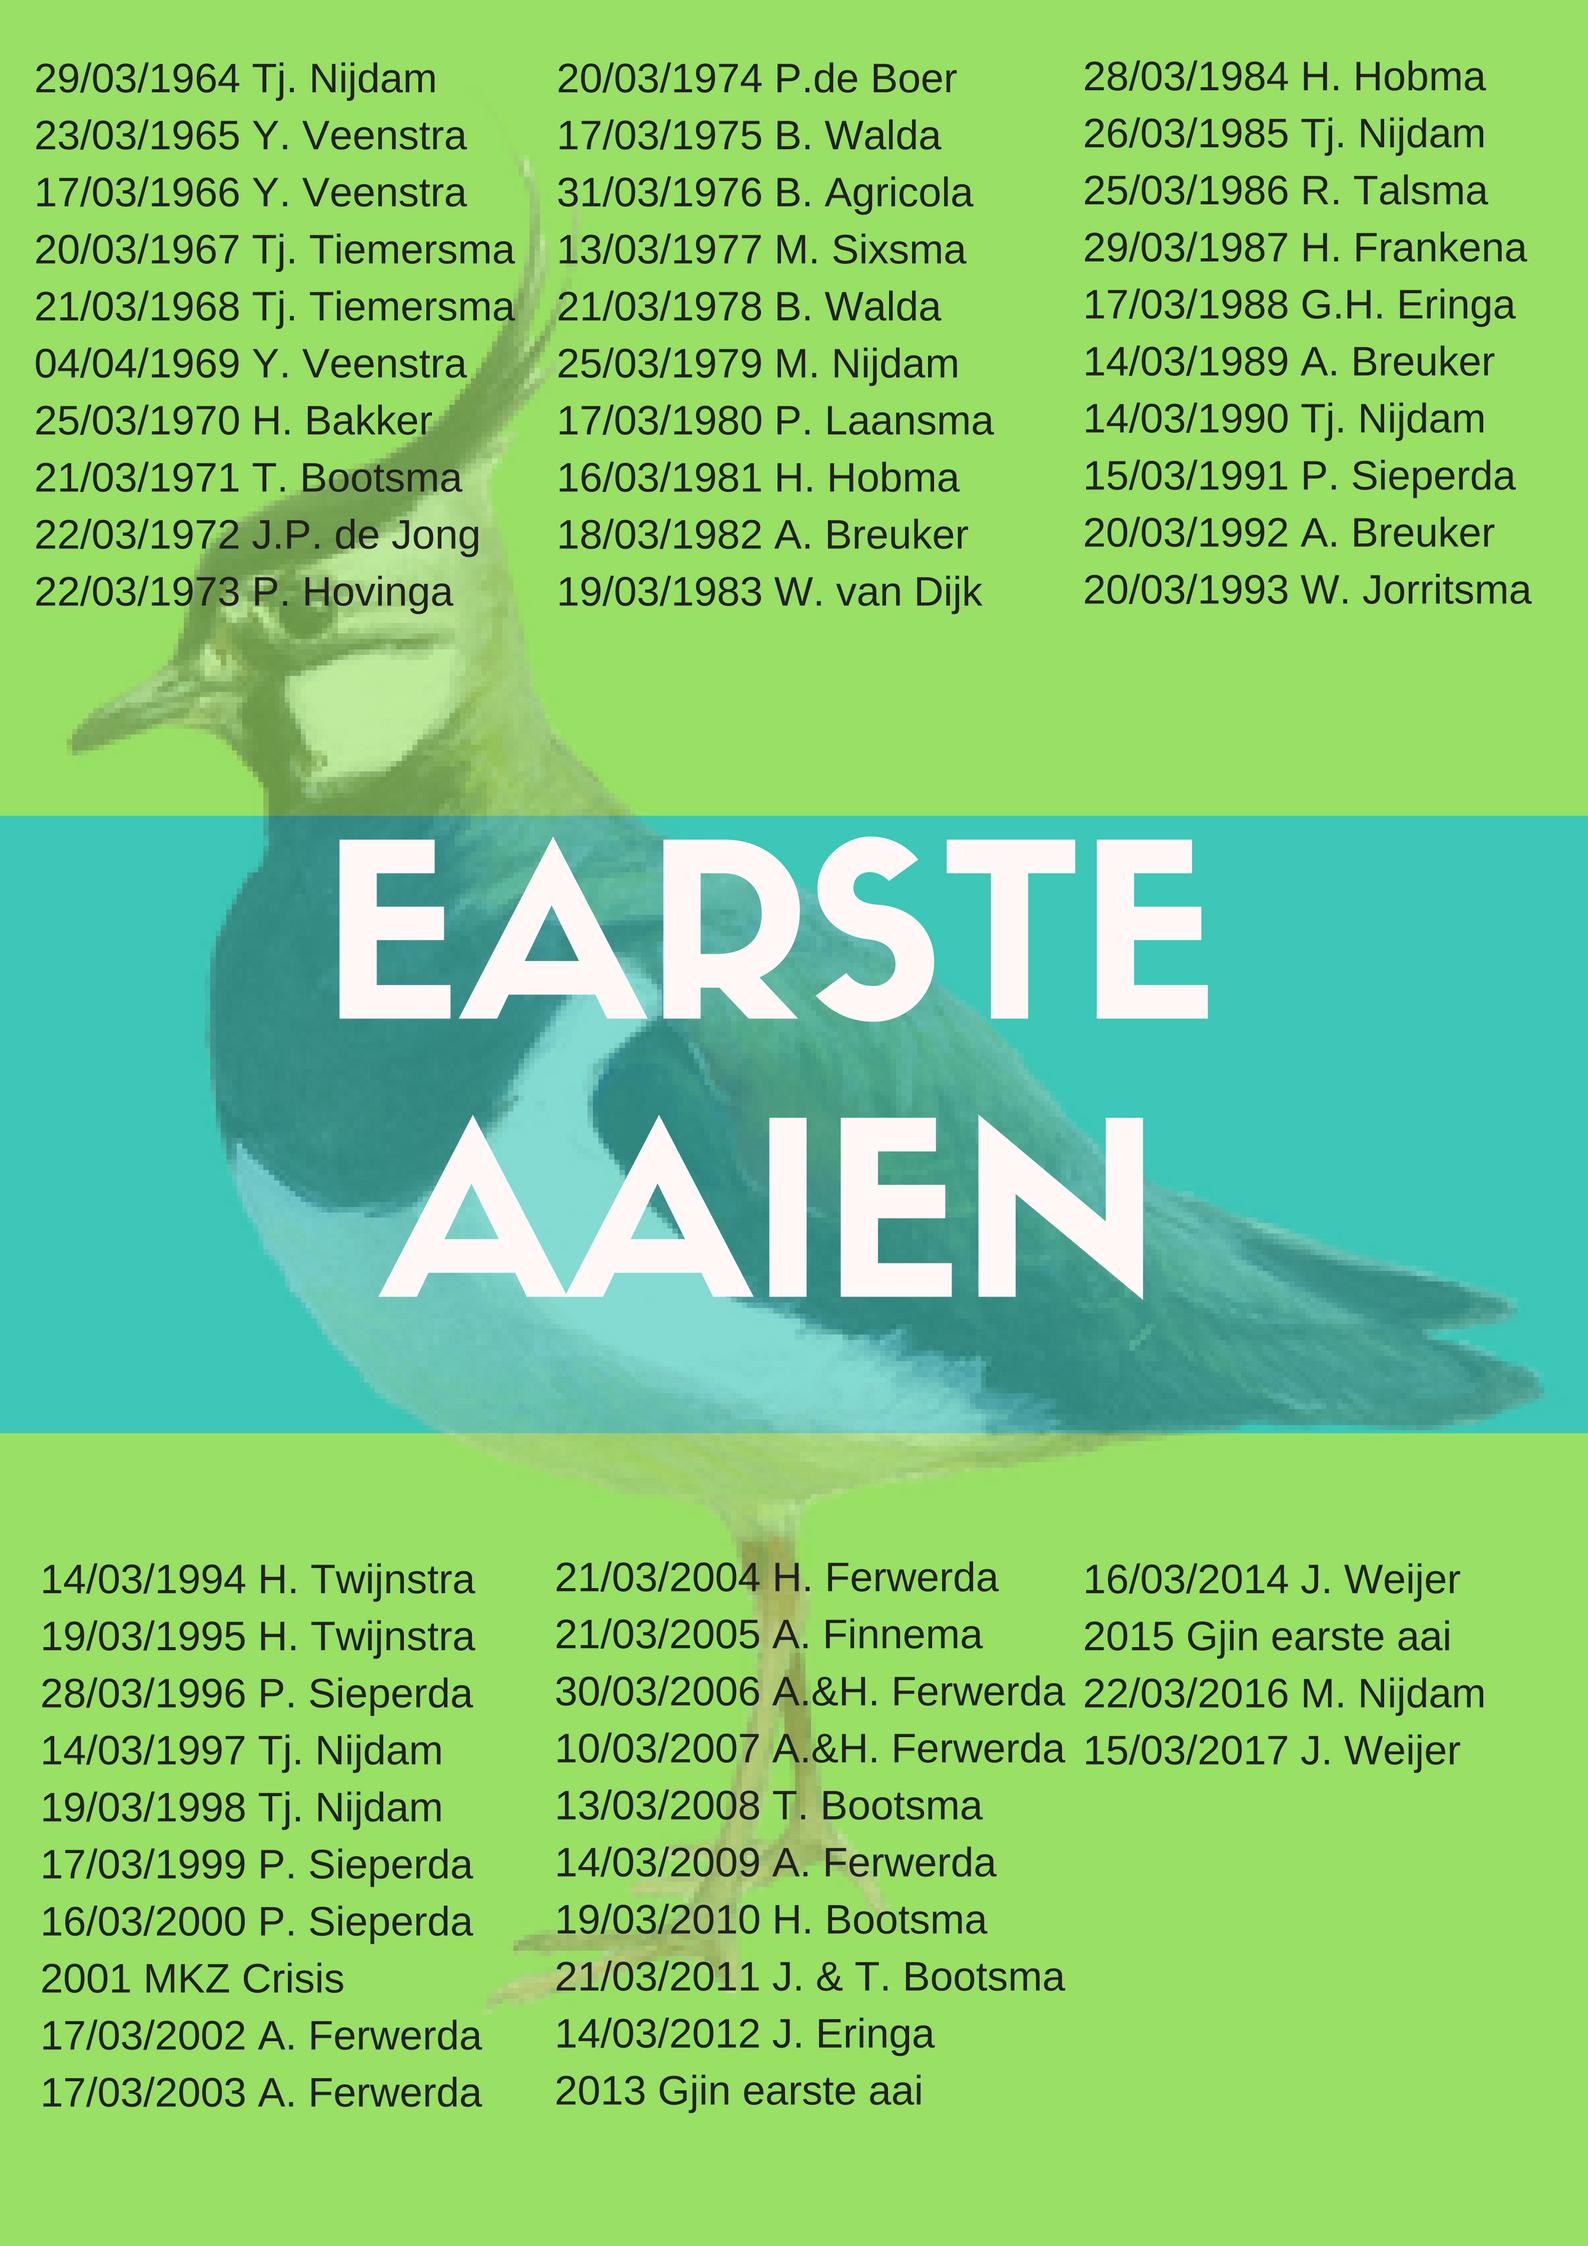 Wa Fynt It Earste Aai Fan 2018?